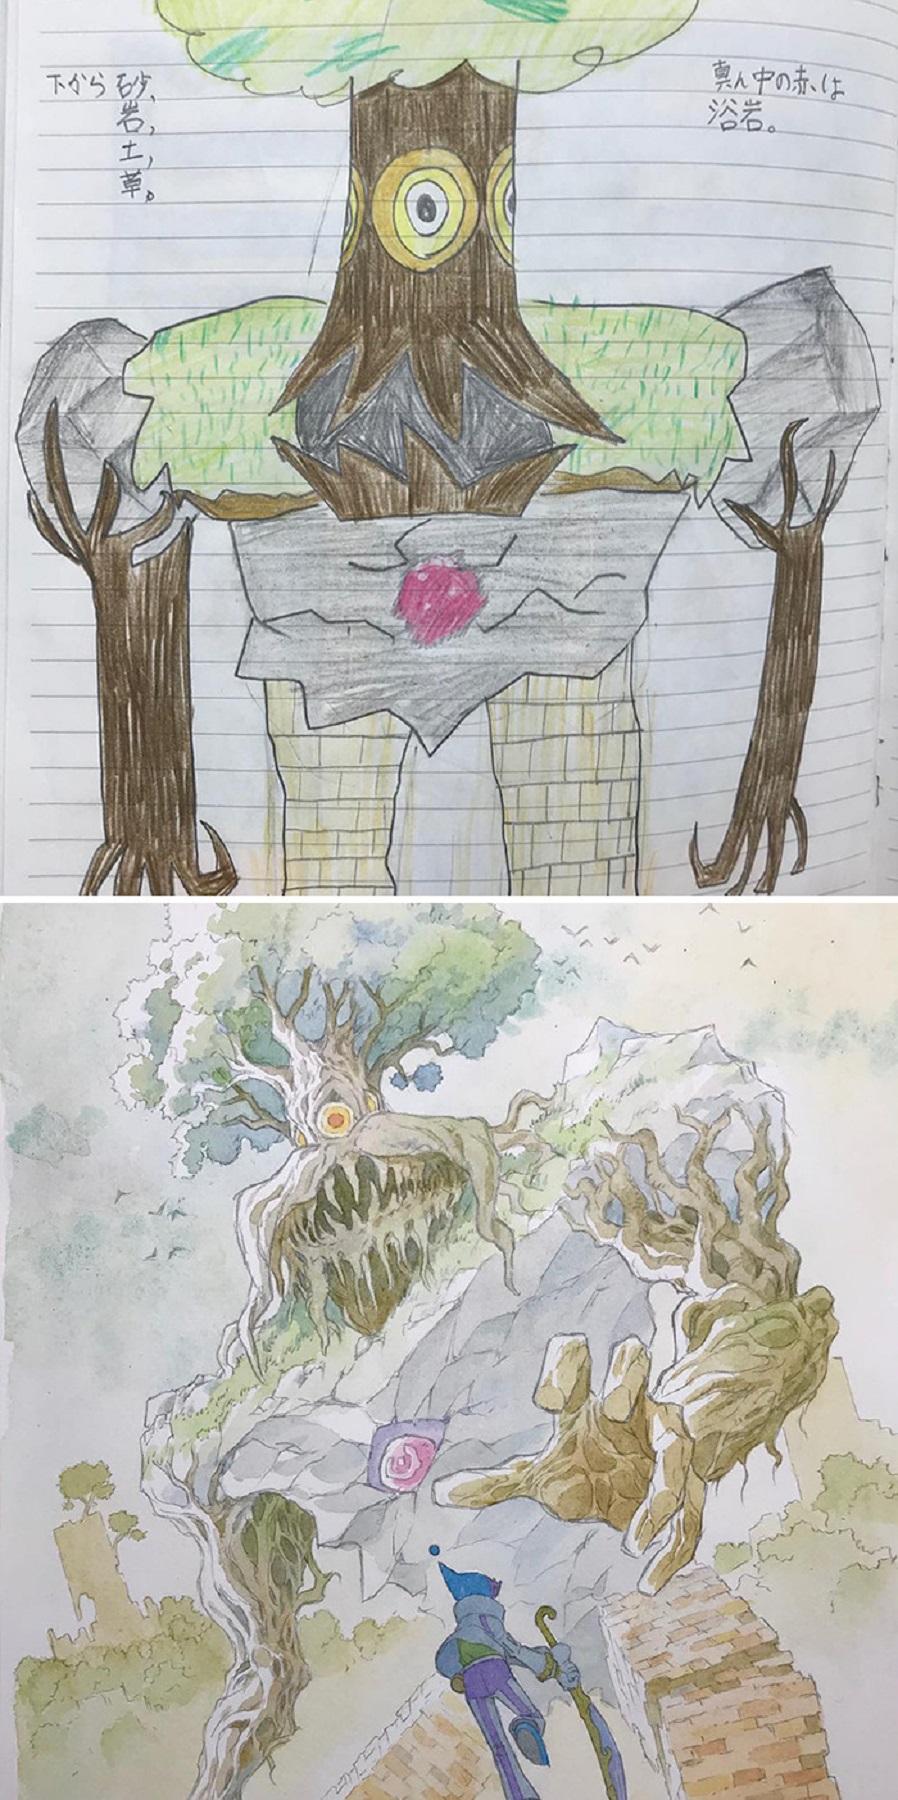 Thomas Romain artista frances transforma rabiscos em personagens de anime para incentivar lado artistico de seus filhos 6